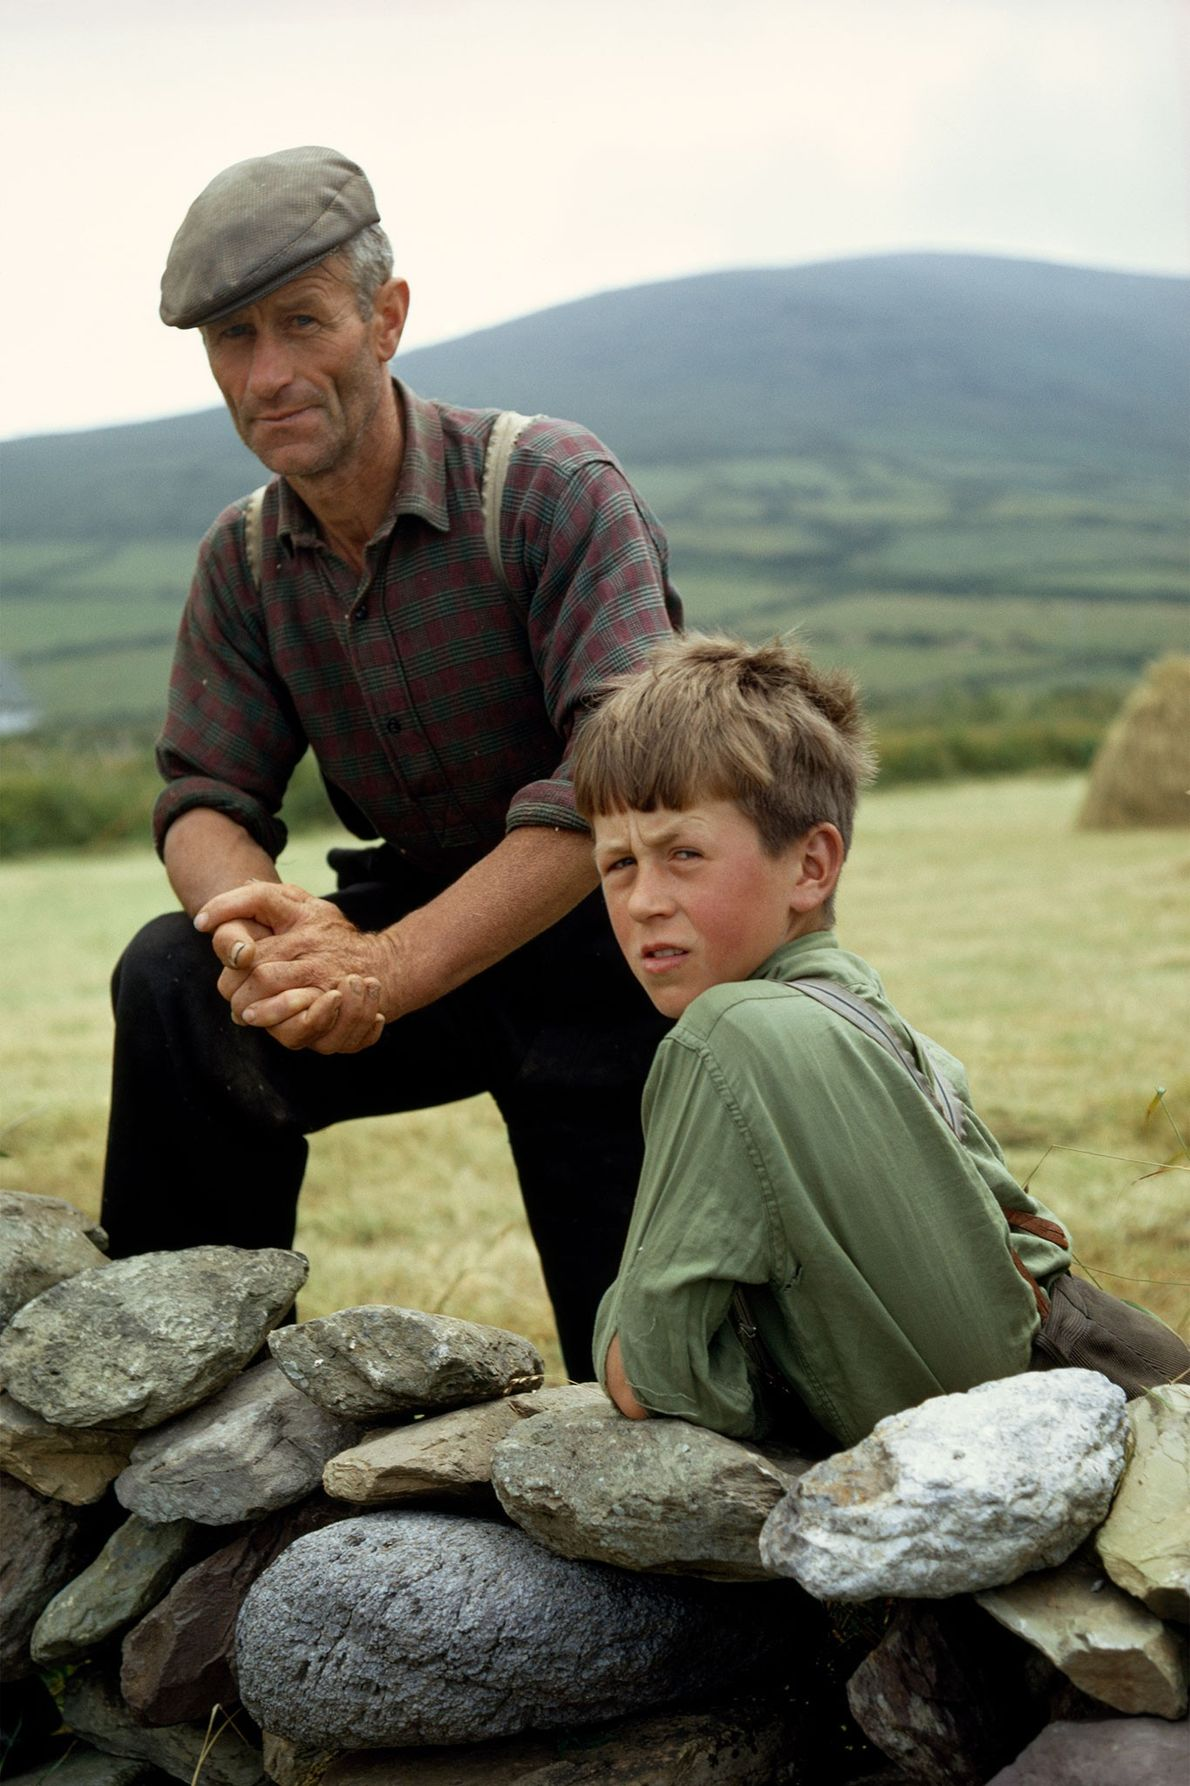 Un agriculteur irlandais et son fils posent appuyés contre un mur de pierres dans la péninsule ...